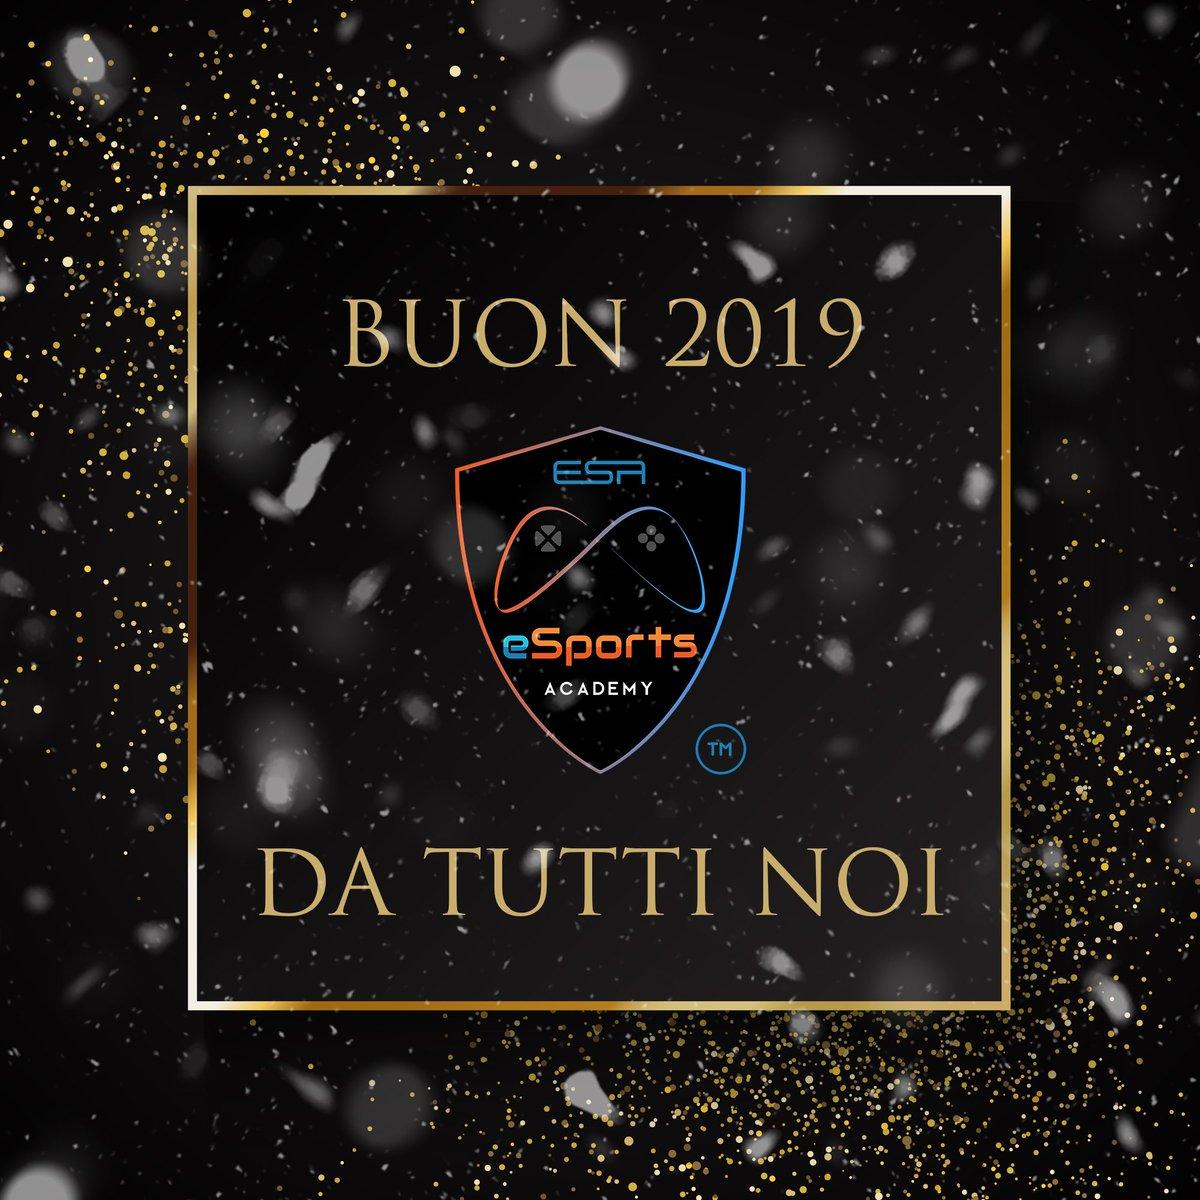 Buon Anno a Tutti! @sampdoria @1913parmacalcio @gintera96 @Miche_Tangredi @Lonewolf92Fifa @Barba__21 @bortowins @sampdoria_en